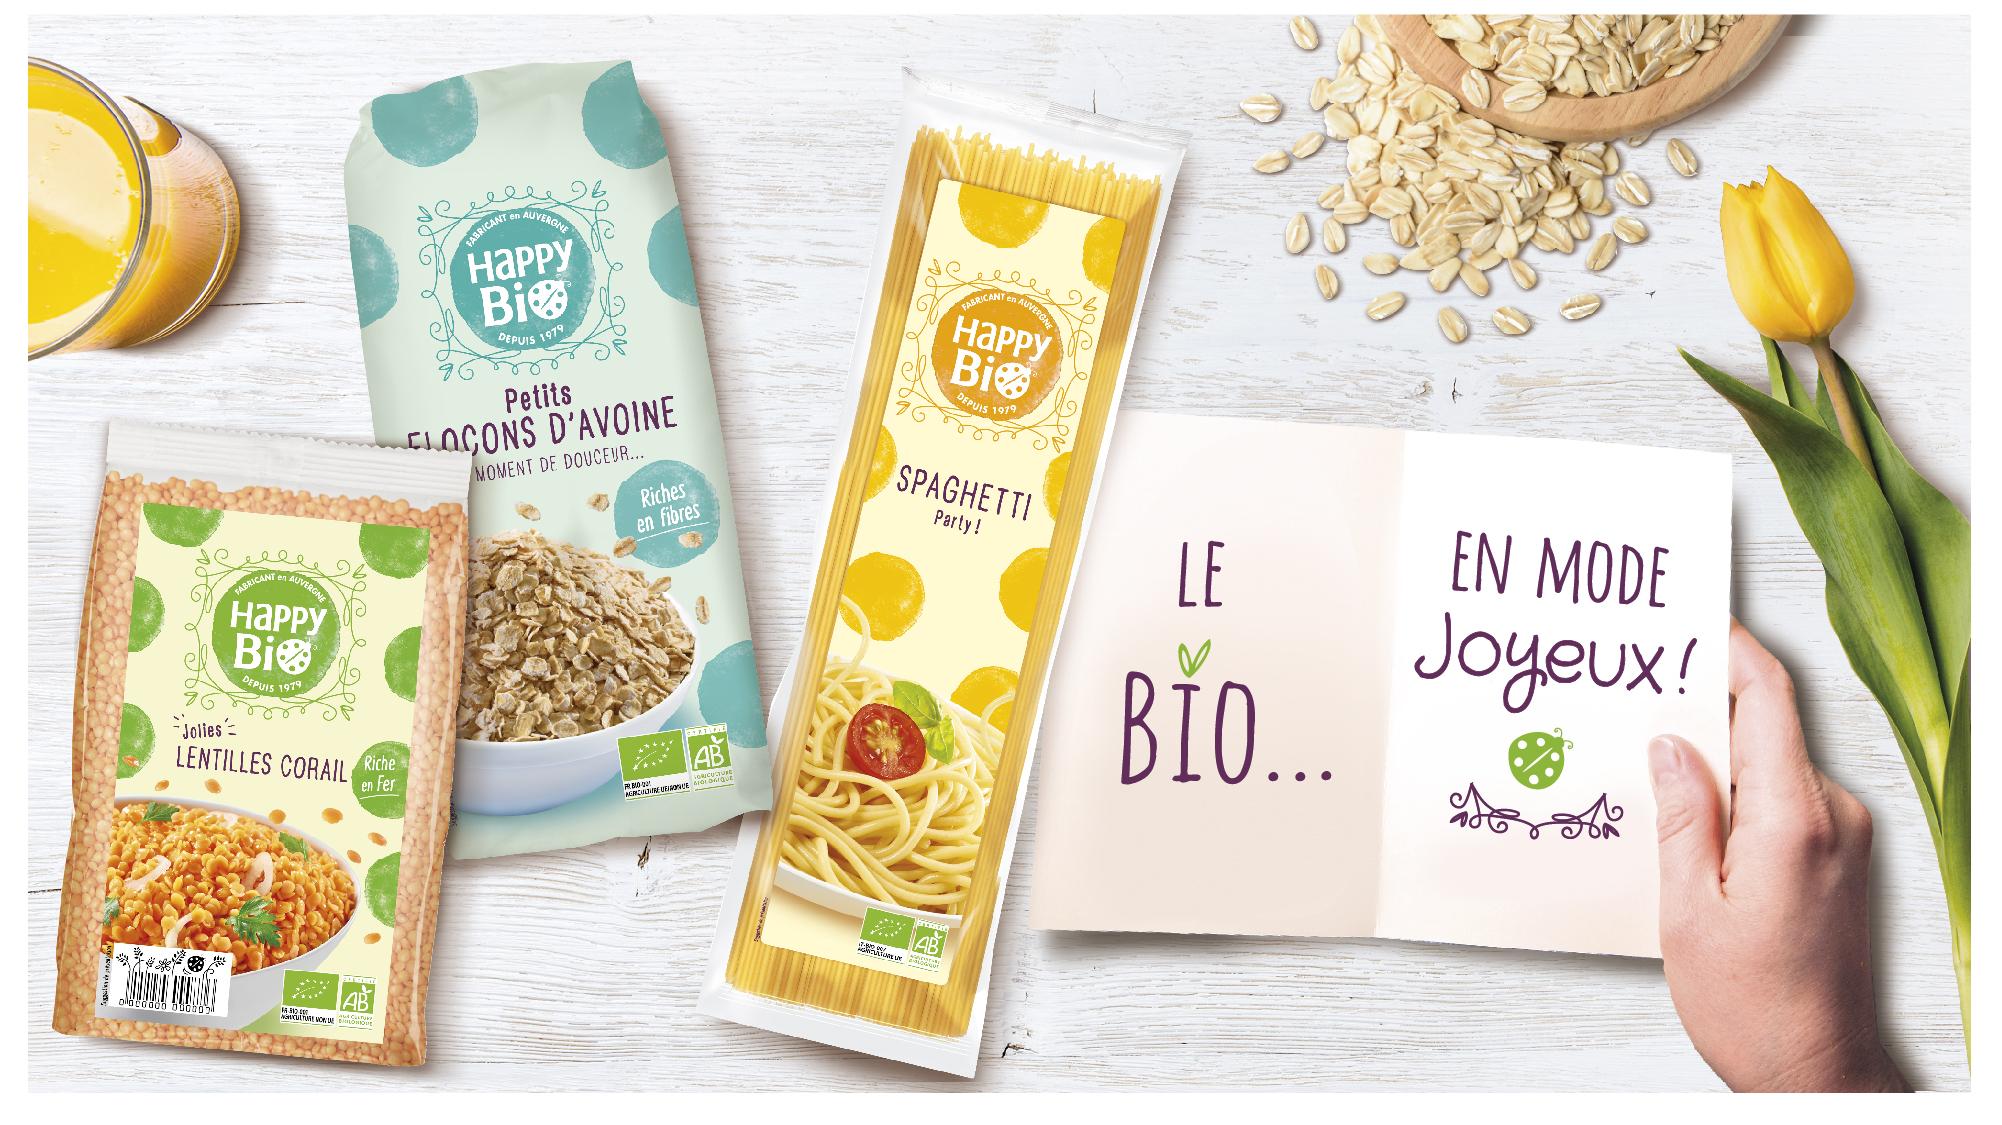 Happy bio packaging